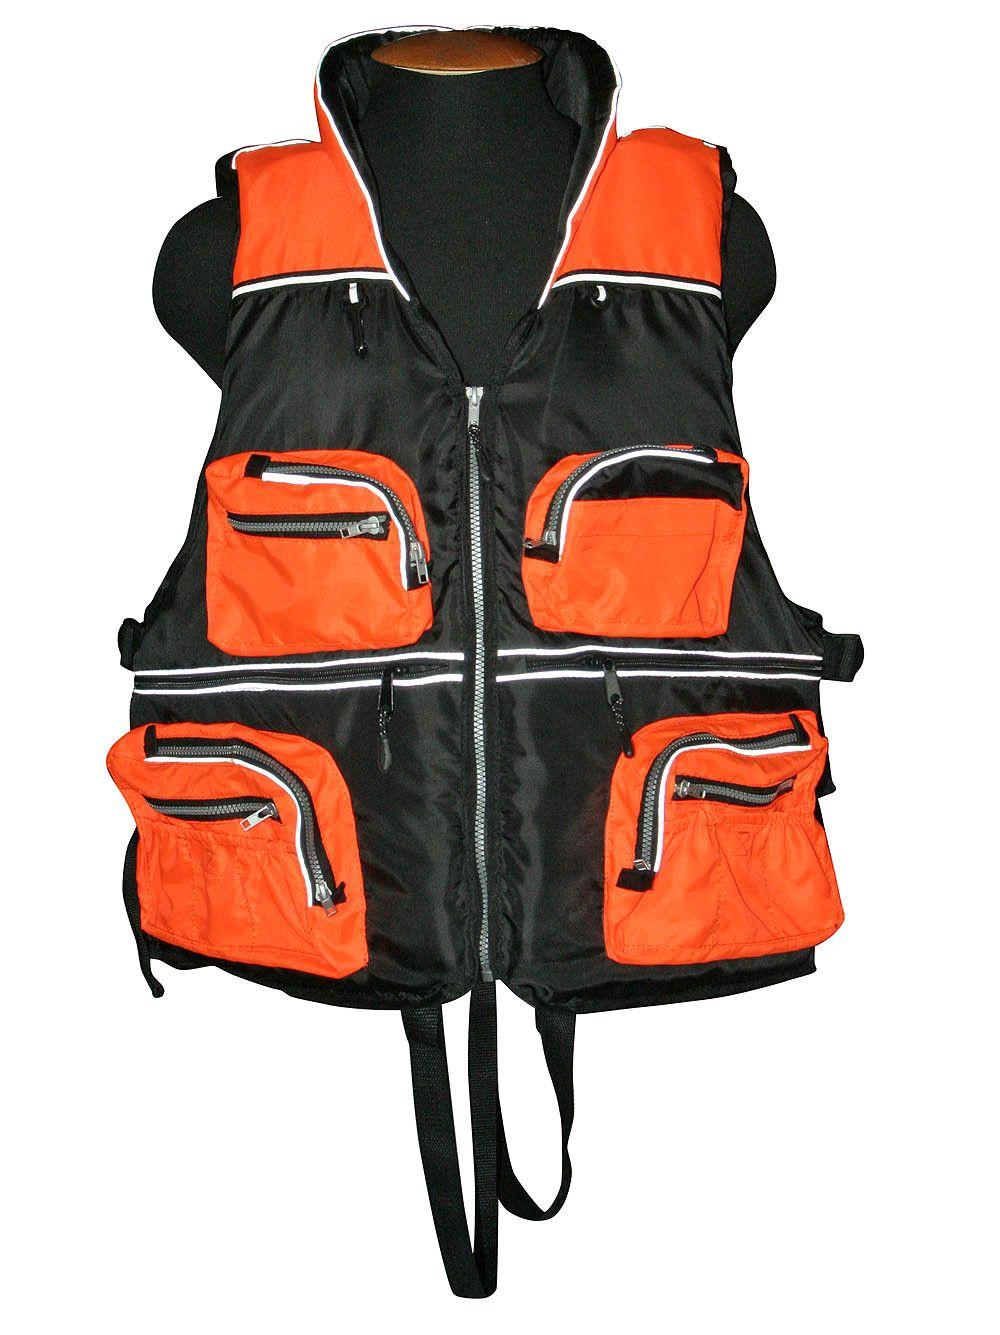 Жилет Спасательный Волна с подголовником XL/XXL 150кг (Оранж) от Ravta